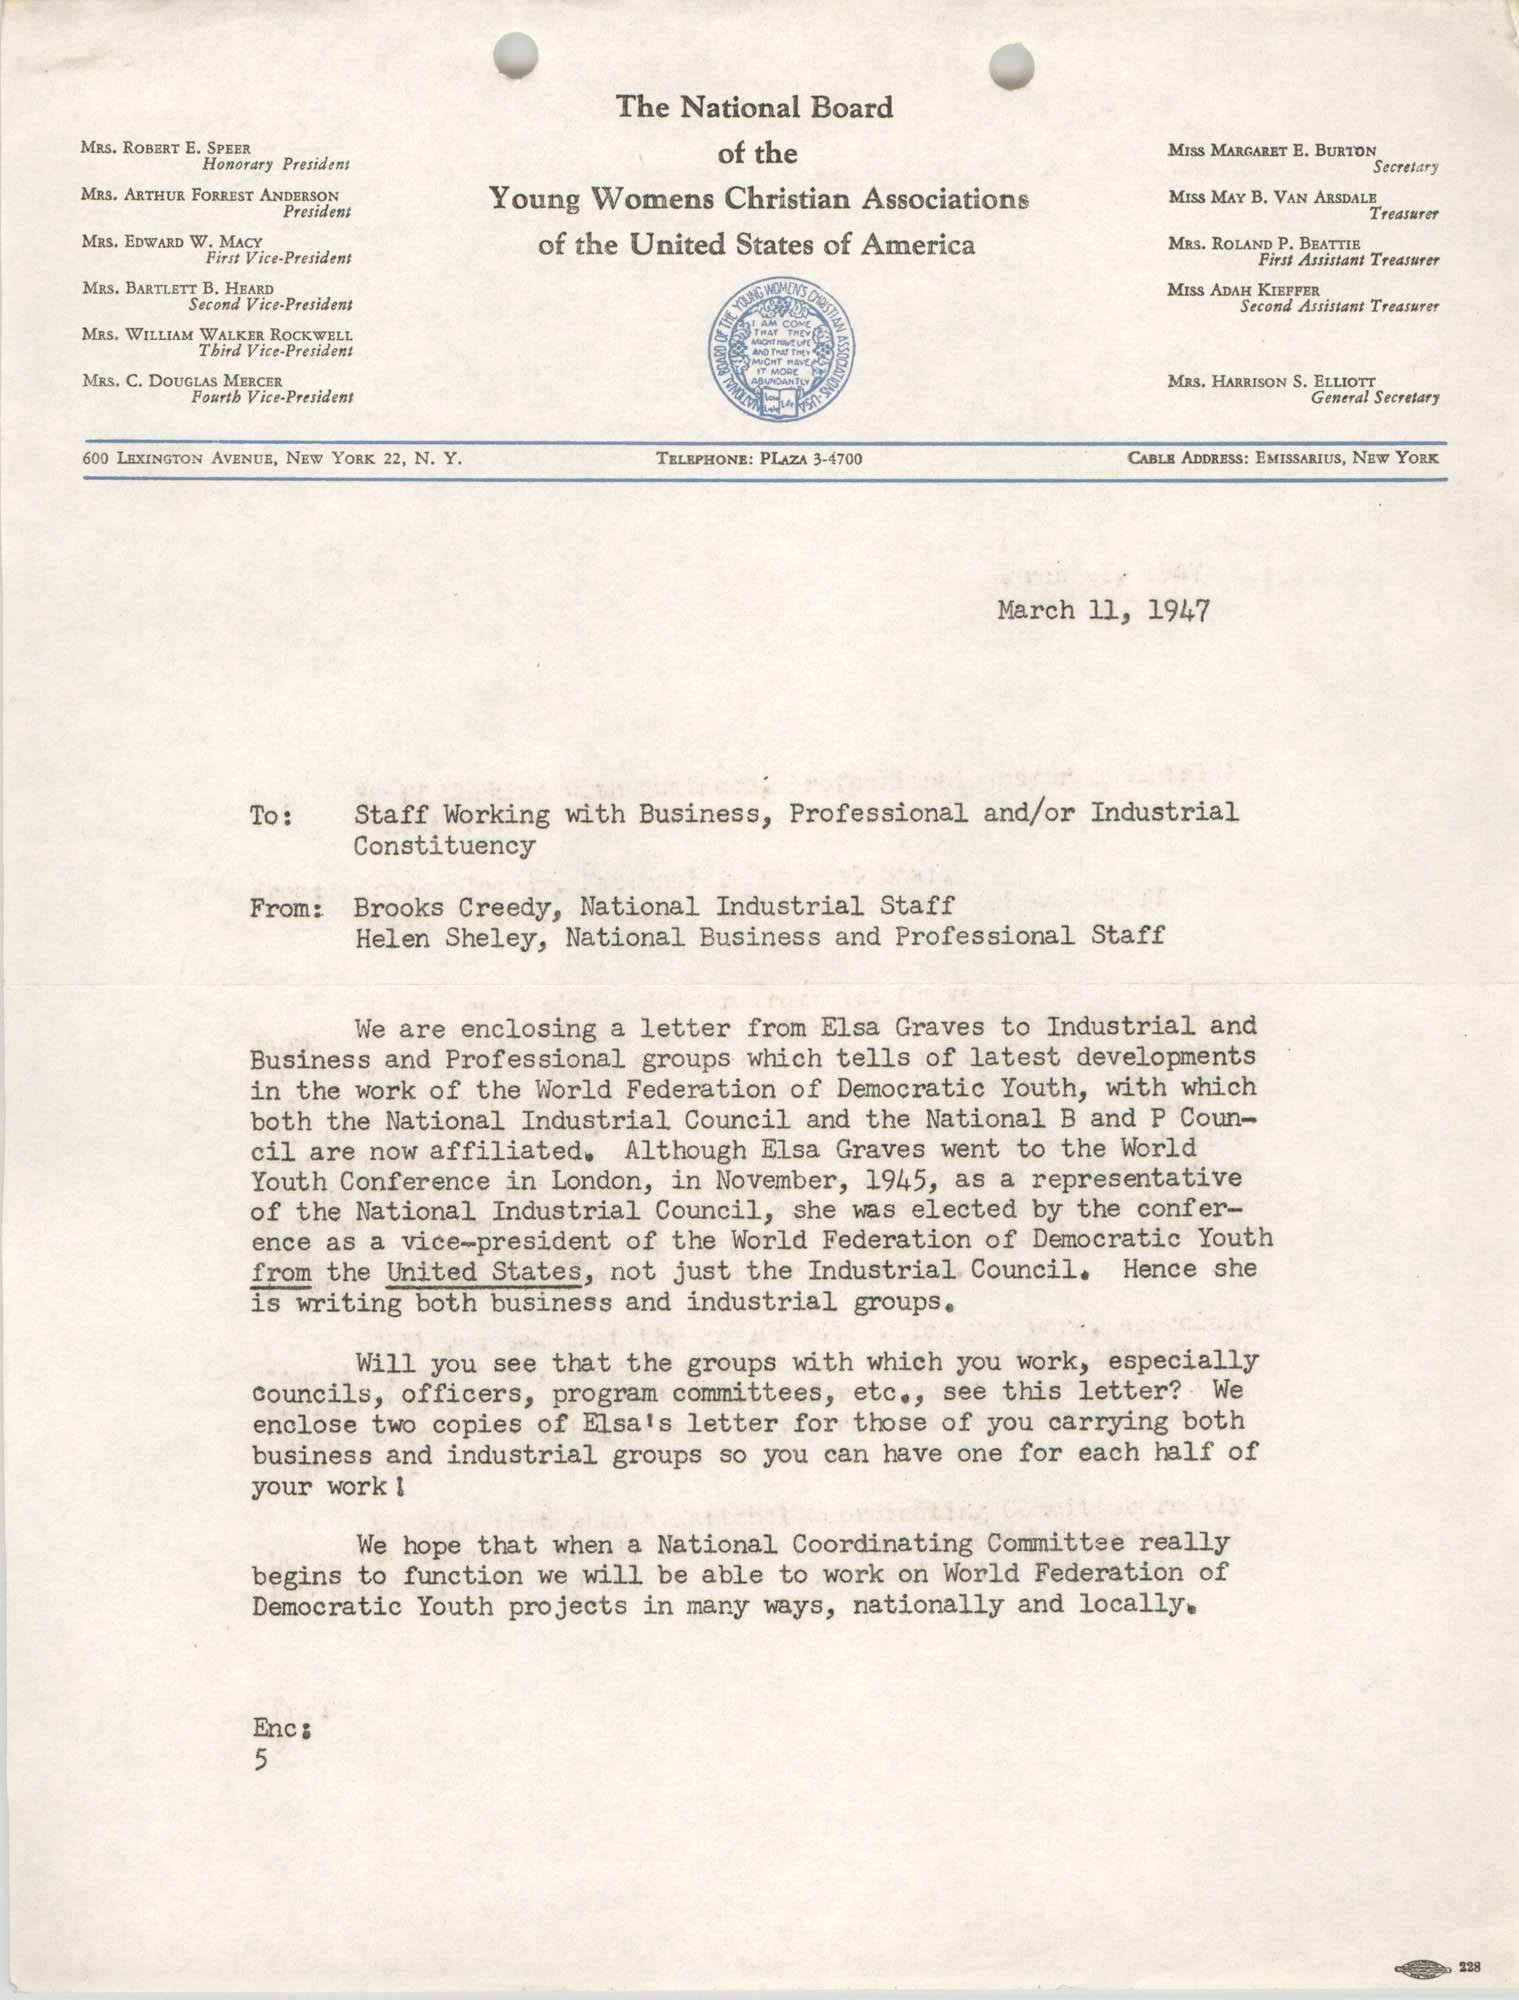 National Board of the Y.W.C.A. Memorandum, March 11, 1947